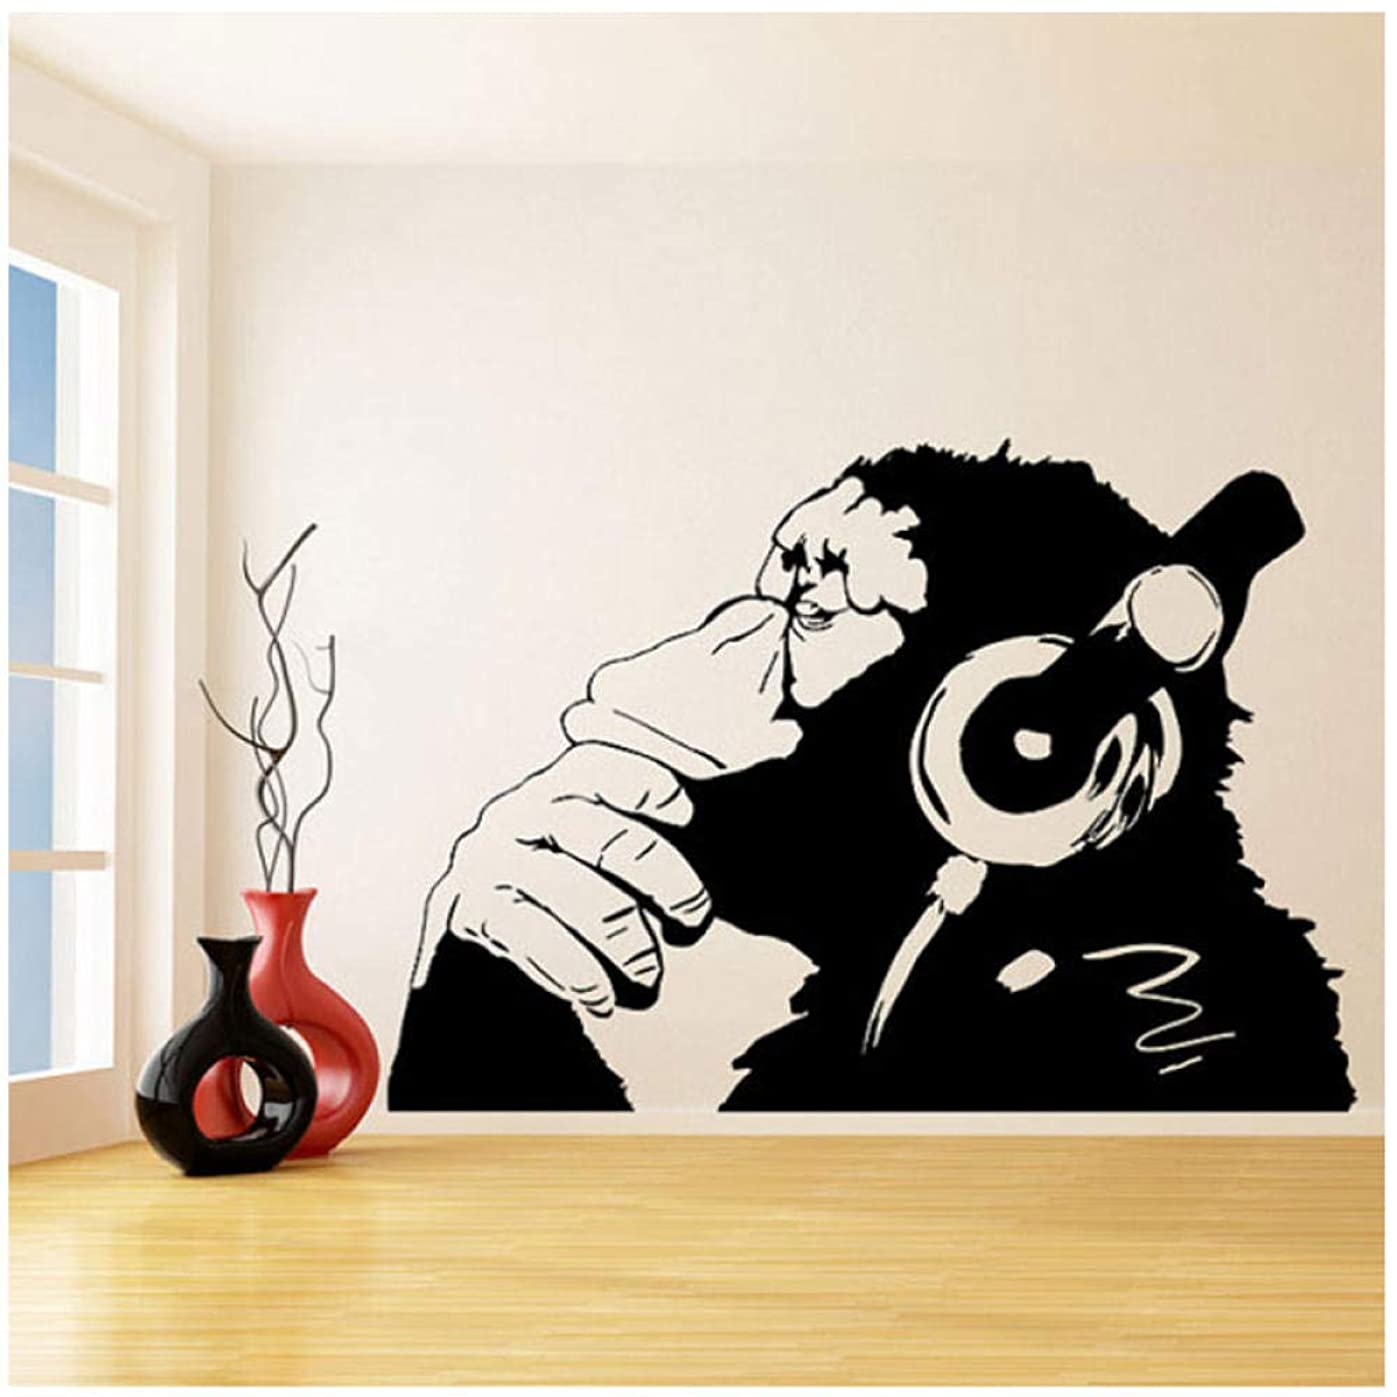 朝対処書士kldfig バンクシービニール壁デカールモンキーヘッドフォン付き/単色チンパンジーでイヤホンで音楽を聴く/ストリートグラフィティステッカー-79 * 56cm